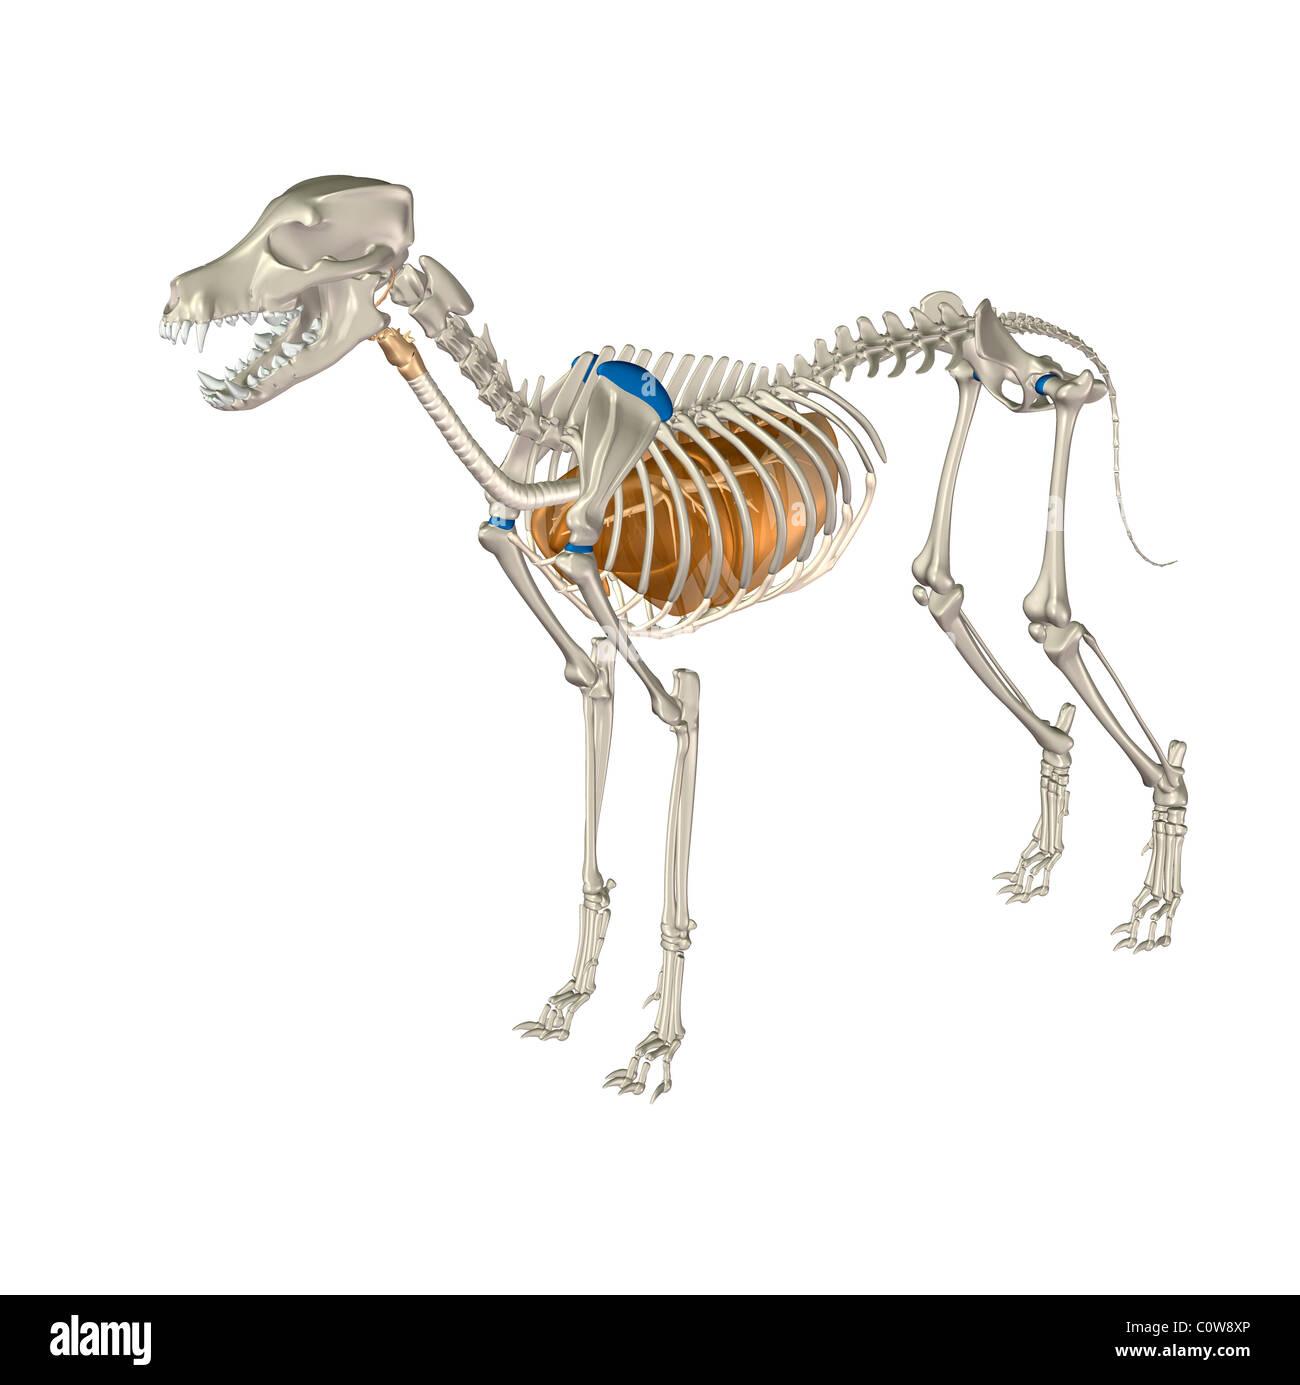 Hund Anatomie Atemwege Lunge Stockfoto, Bild: 34976558 - Alamy